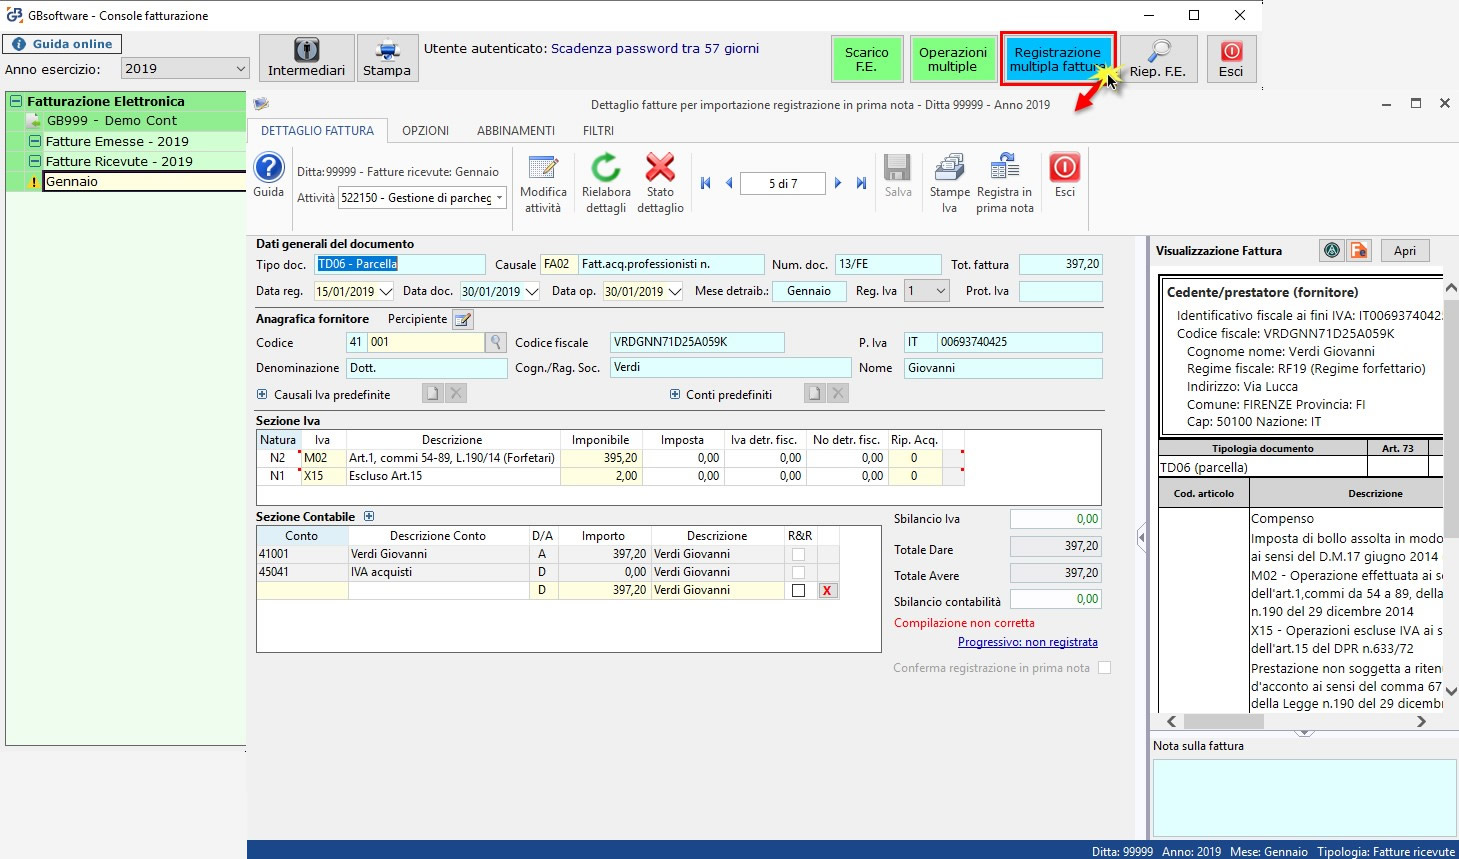 Importazione Fatture Elettroniche XML in Prima Nota: rilascio applicazione - 1